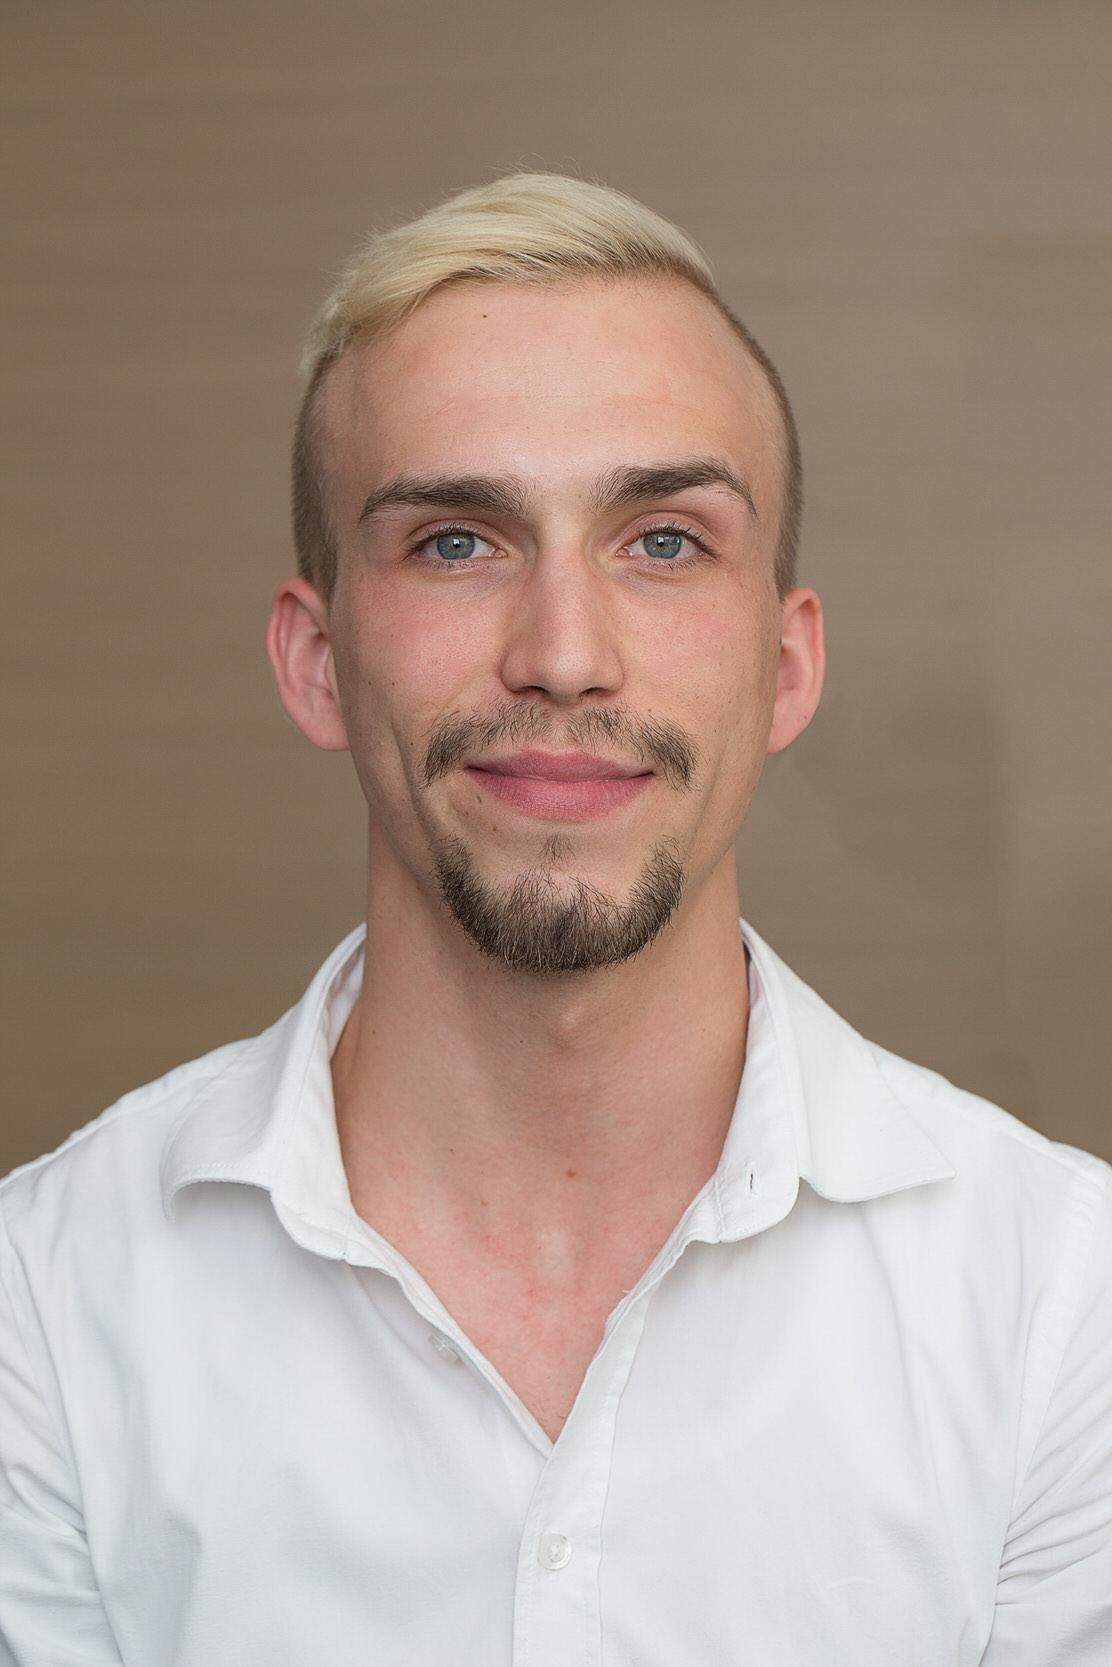 Portrait eines jungen Mannes.